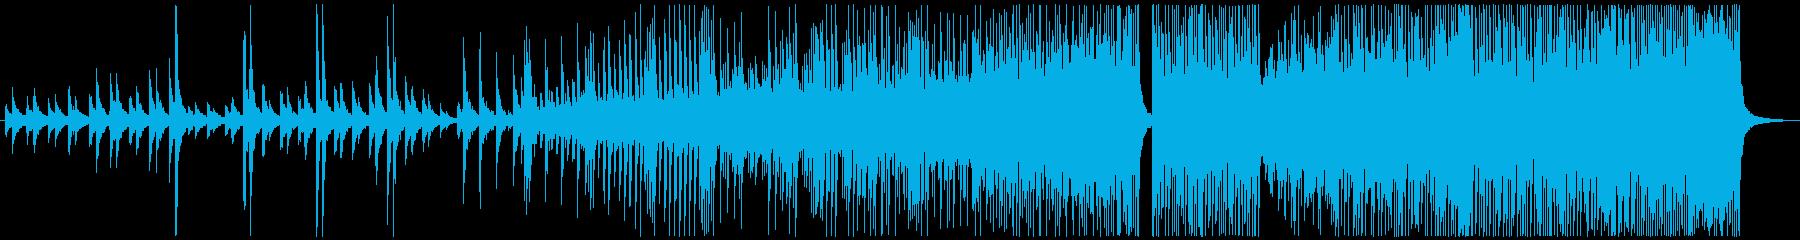 縄文の再生済みの波形